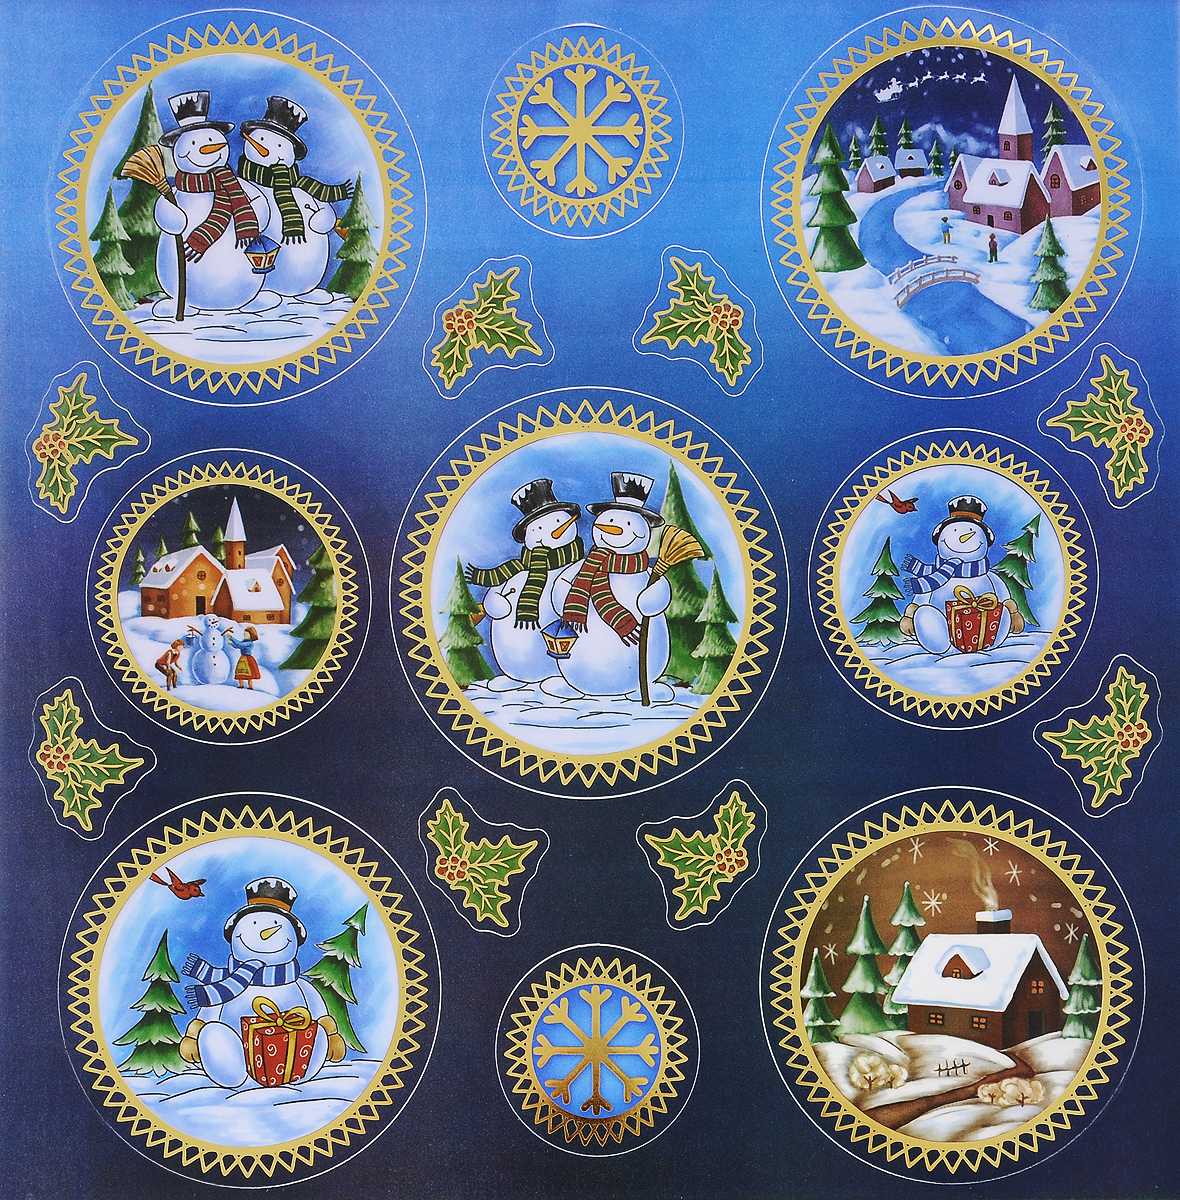 Украшение новогоднее оконное Winter Wings Снеговики, 16 шт украшение новогоднее оконное winter wings новогодние герои 5 шт n09356 ангелы